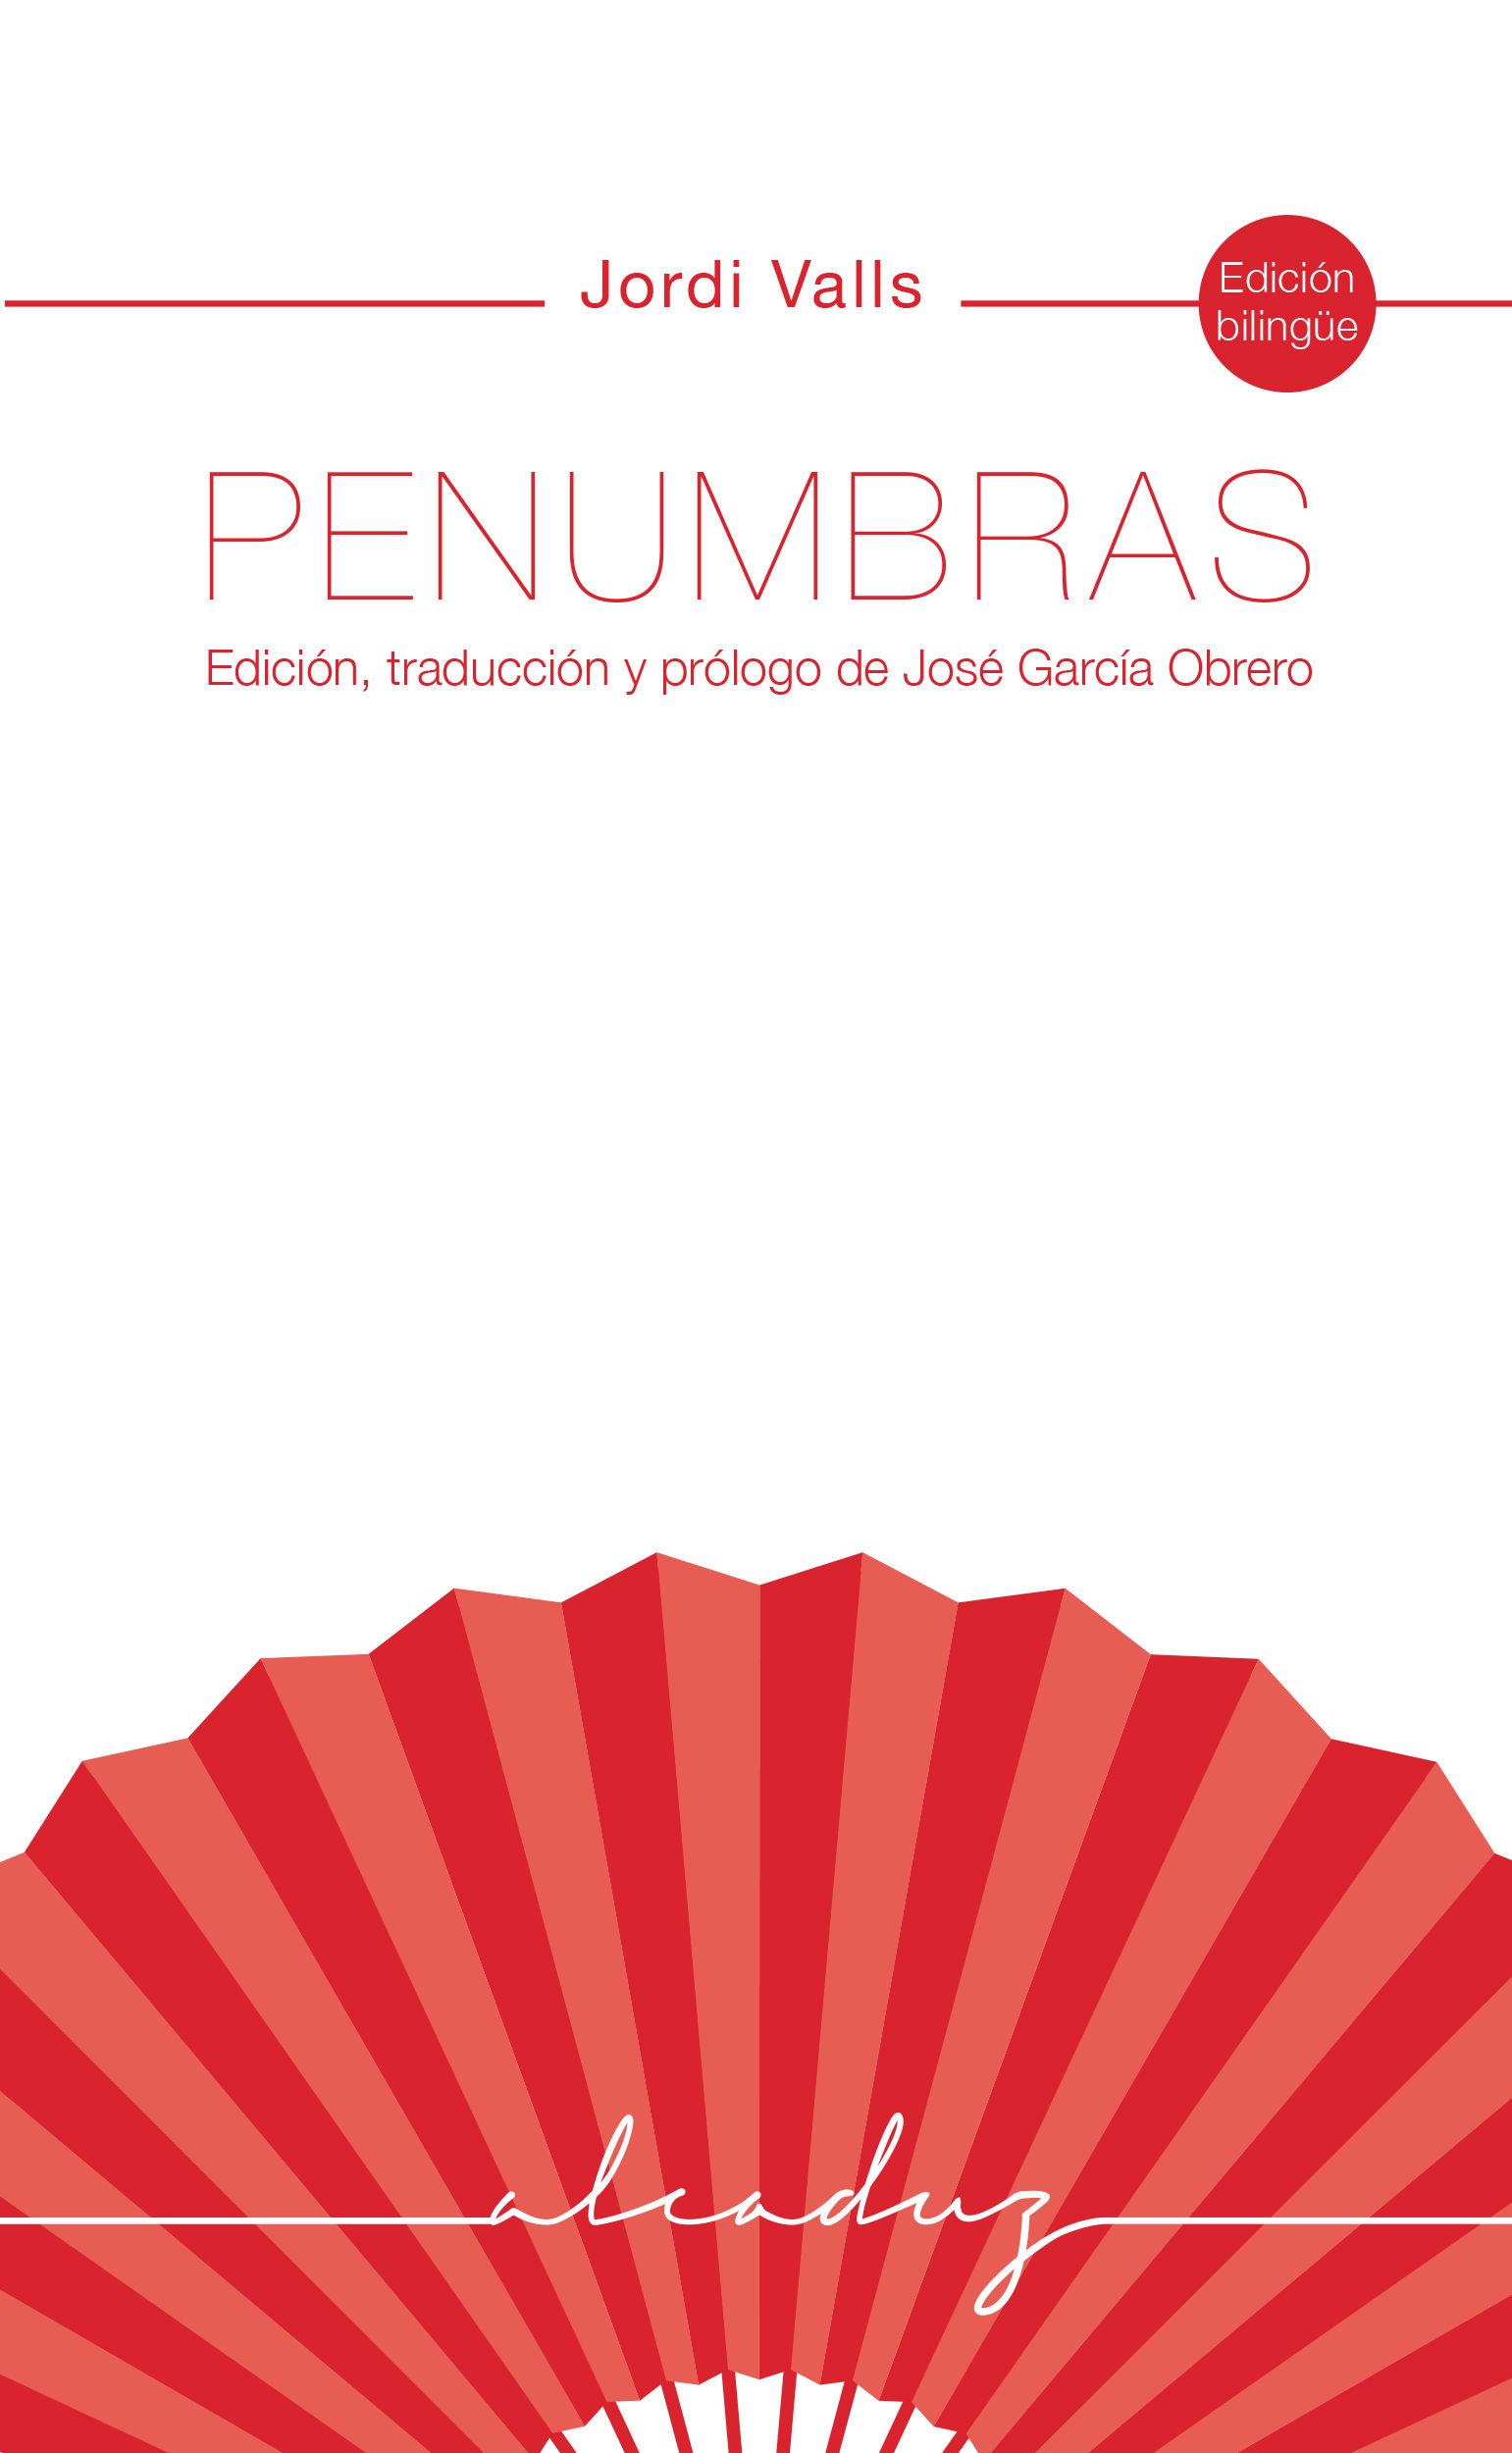 PENUMBRAS